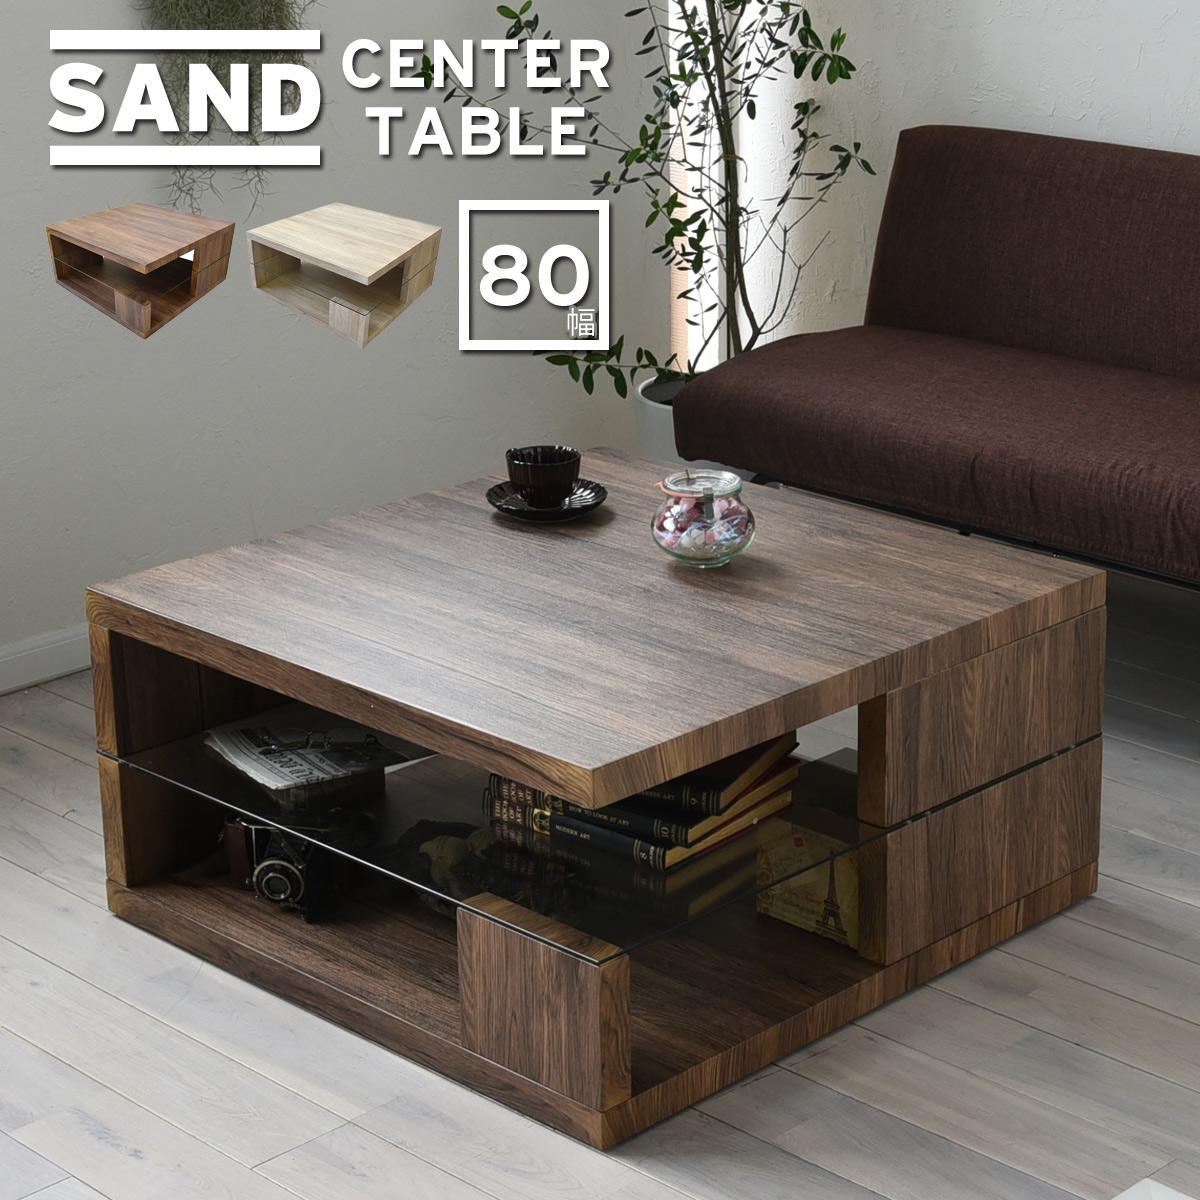 センターテーブル ローテーブル リビングテーブル リビング 机 収納 北欧 ガラス 強化 居間 四角 幅75 古材風 ヴィンテージ